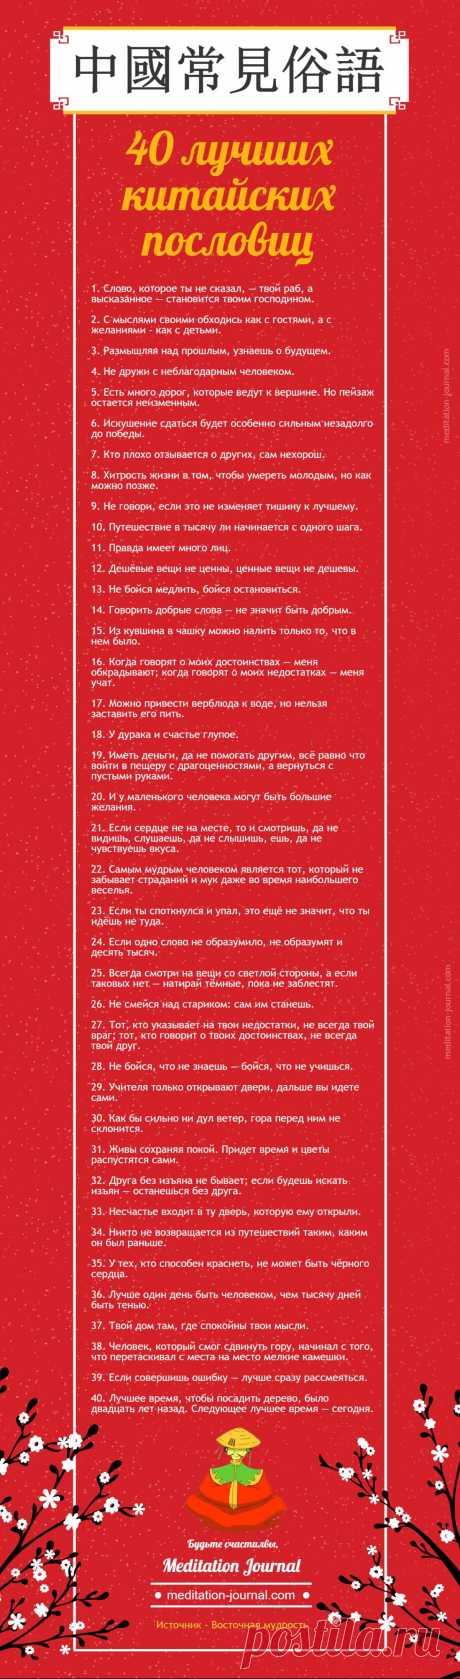 40 лучших высказываний китайских мудрецов (пословицы)